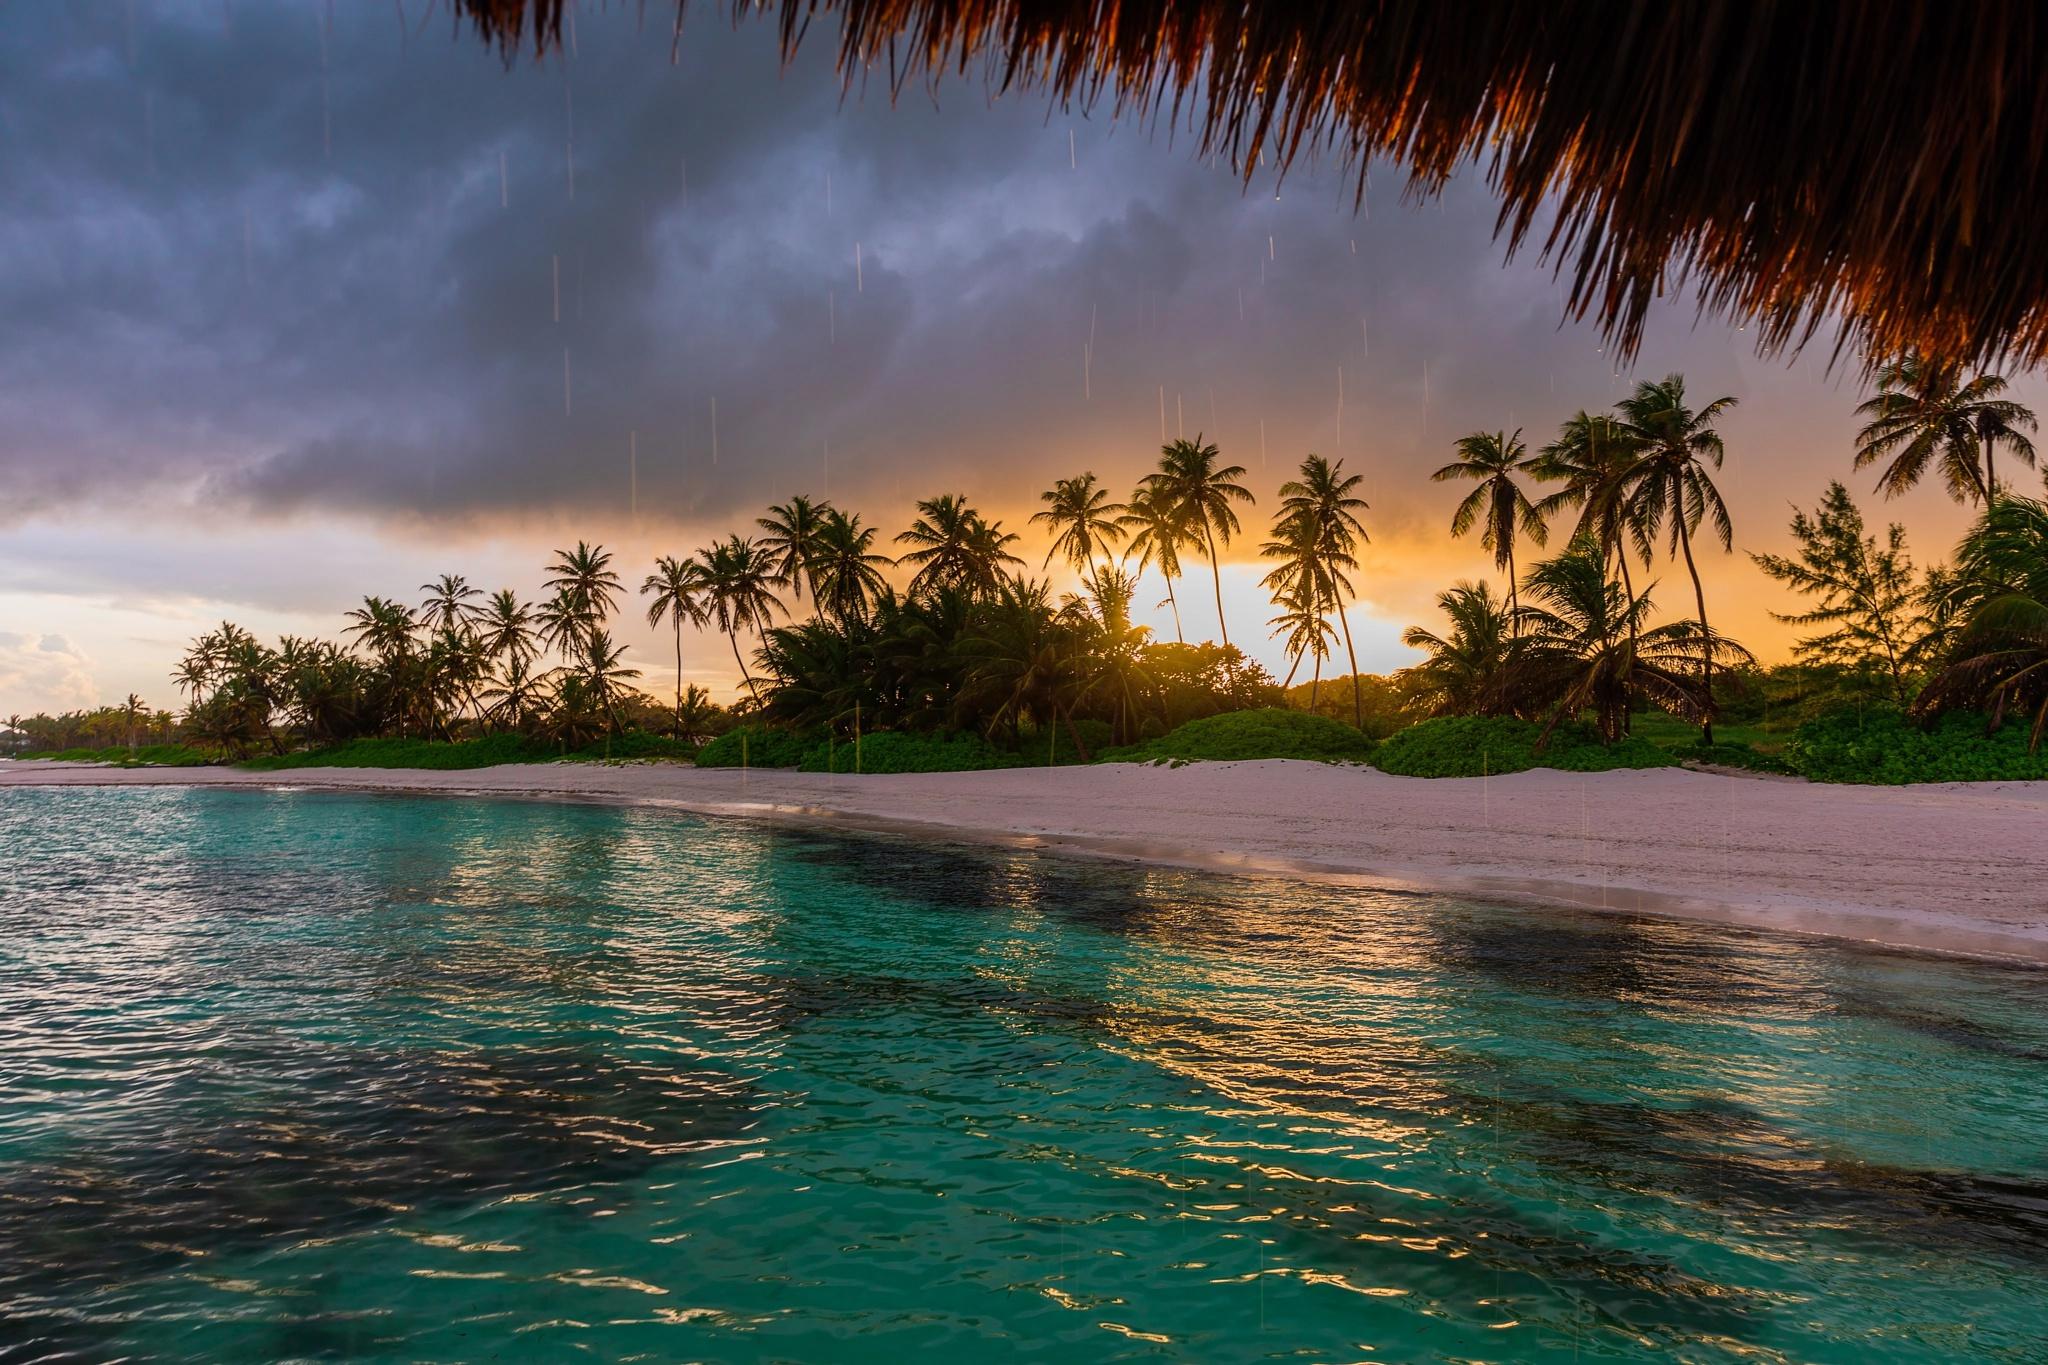 другую параллель, берег океана с пальмами фото этот